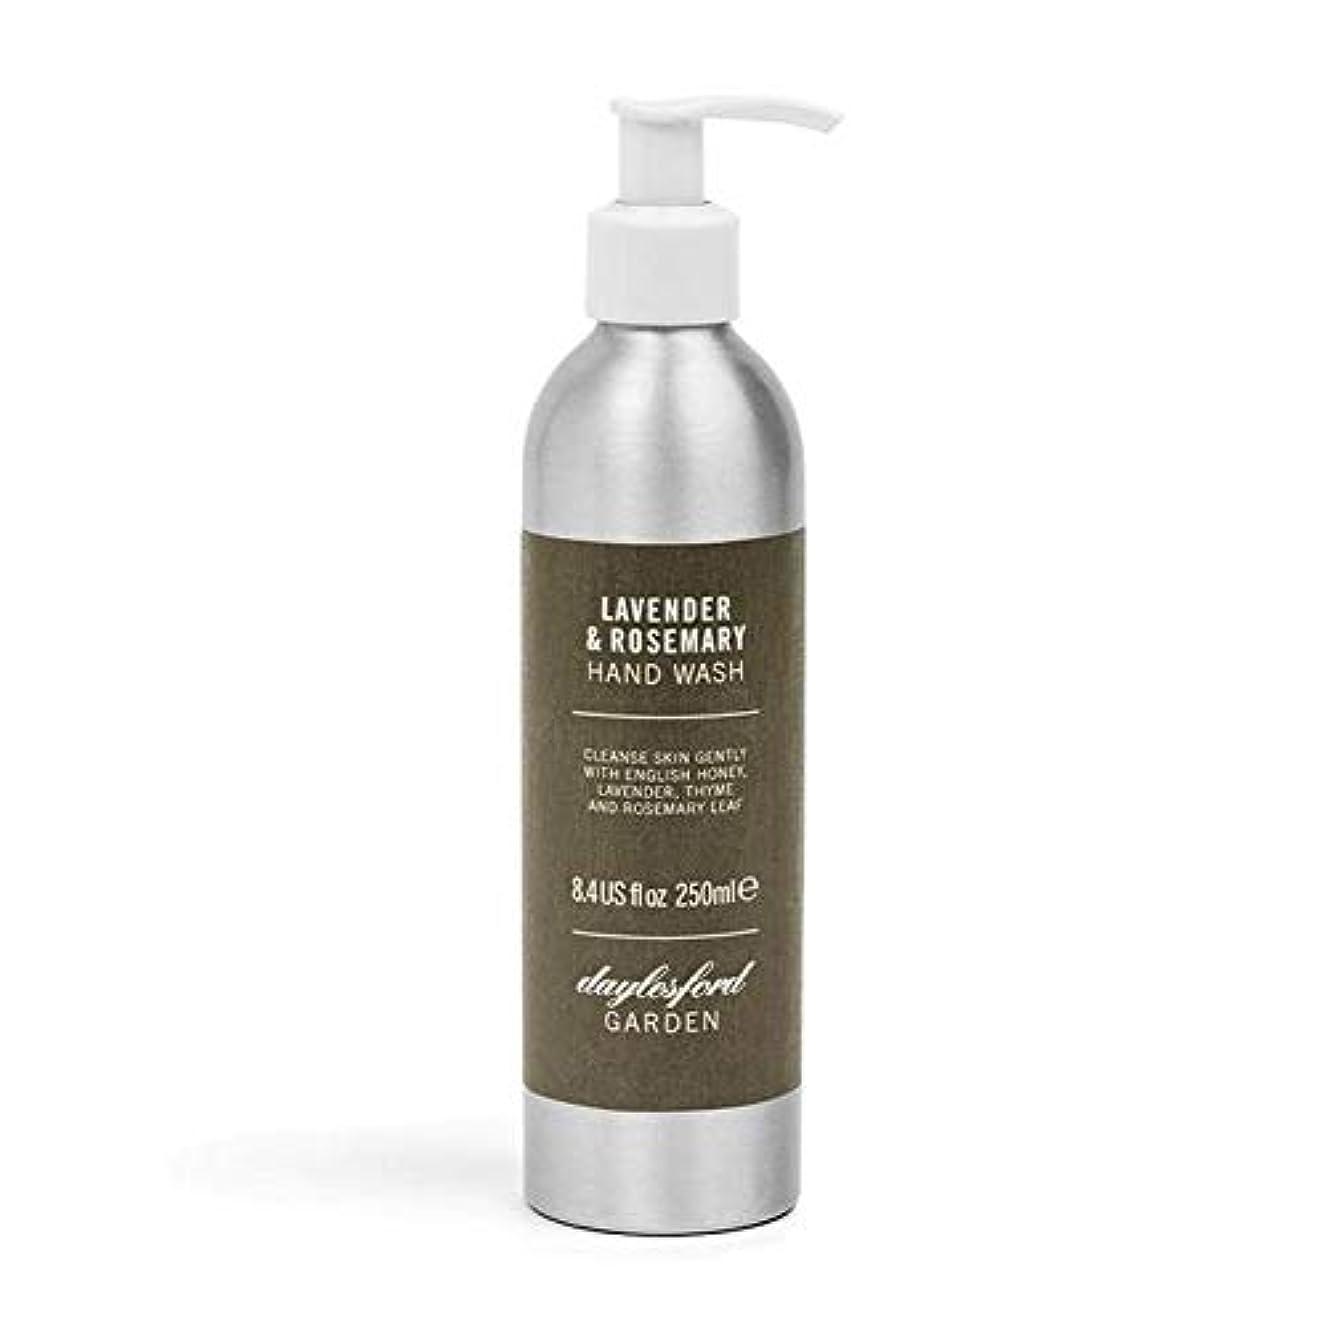 起きる過半数気性[Daylesford ] デイルスフォードの天然ローズマリー&ラベンダーのハンドウォッシュ250ミリリットル - Daylesford Natural Rosemary & Lavender Hand Wash 250ml...